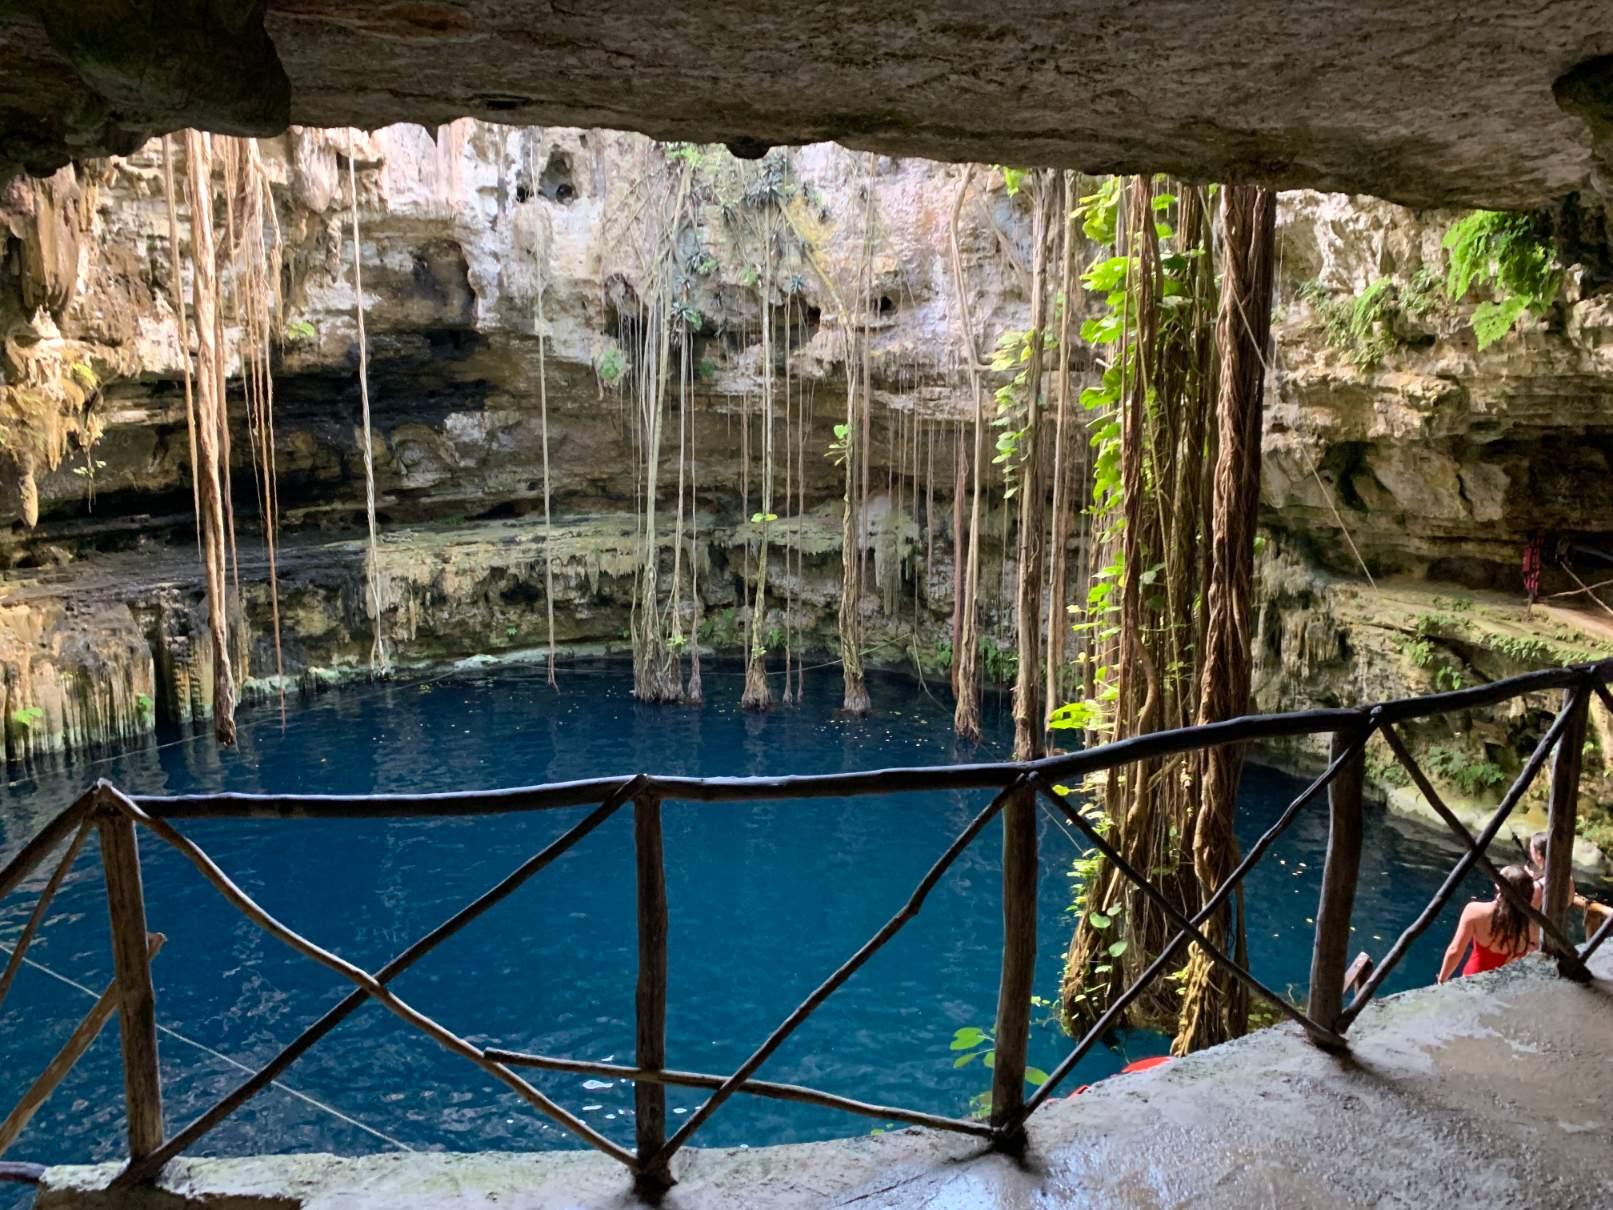 valladolid mexico cenote oxman